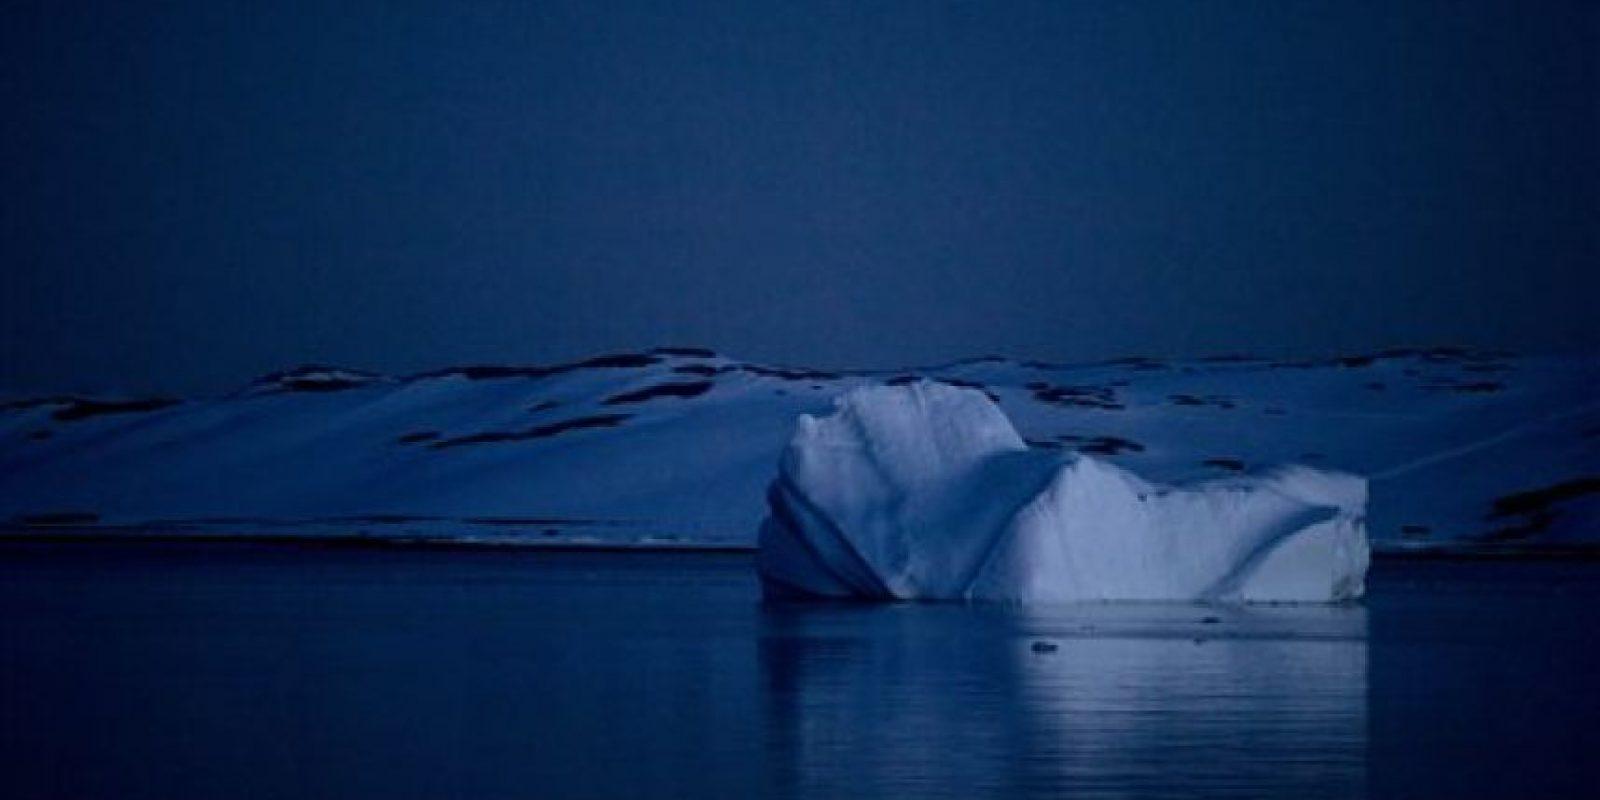 En esta fotografía del 25 de enero de 2015, un iceberg flota cerca de la península Byers de la Antártida, en la isla Livingston, en el archipiélago de las islas Shetland del Sur. Muy debajo del hielo se encuentra un mundo frío y desolado que, según todos los indicios, debería estar totalmente desprovisto de vida. Pero recientemente, científicos que investigan el hielo que se derrite descubrieron peces y creaturas parecidas a los camarones. Y en áreas que no han quedado expuestas a la luz del sol por millones de años, los científicos hallaron una sorpresa: el ADN de una creatura microscópica que parece una combinación de oso, manatí y ciempiés. Foto:AP Photo/Natacha Pisarenko